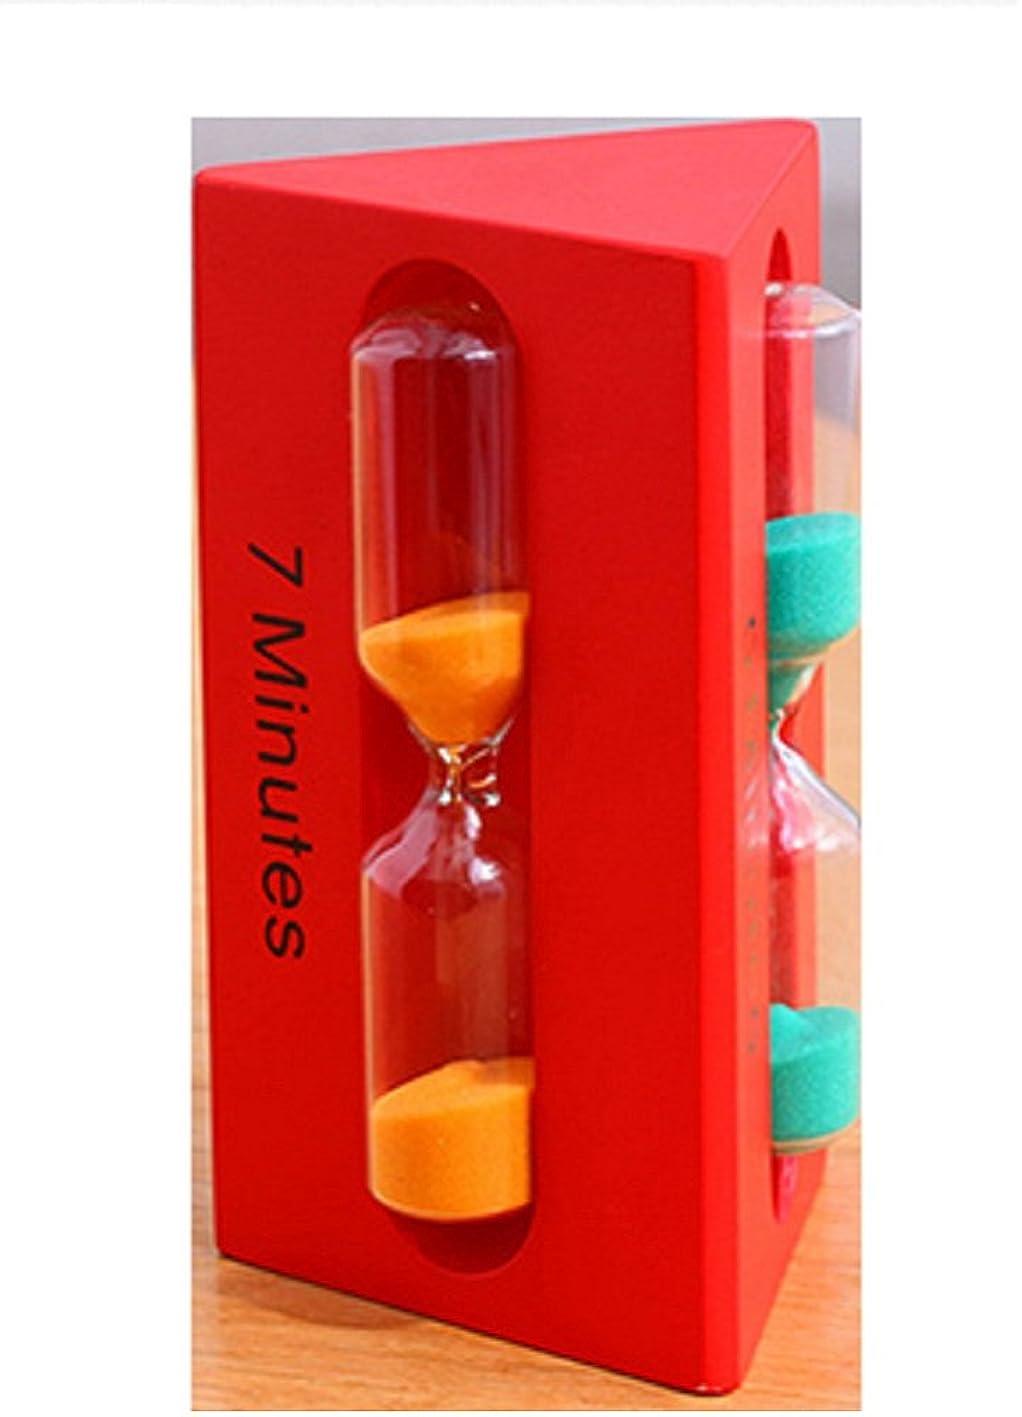 3種類砂時計 オシャレ ユニーク 三角形 砂時計 3分計 5分計 7分計 赤 レッド